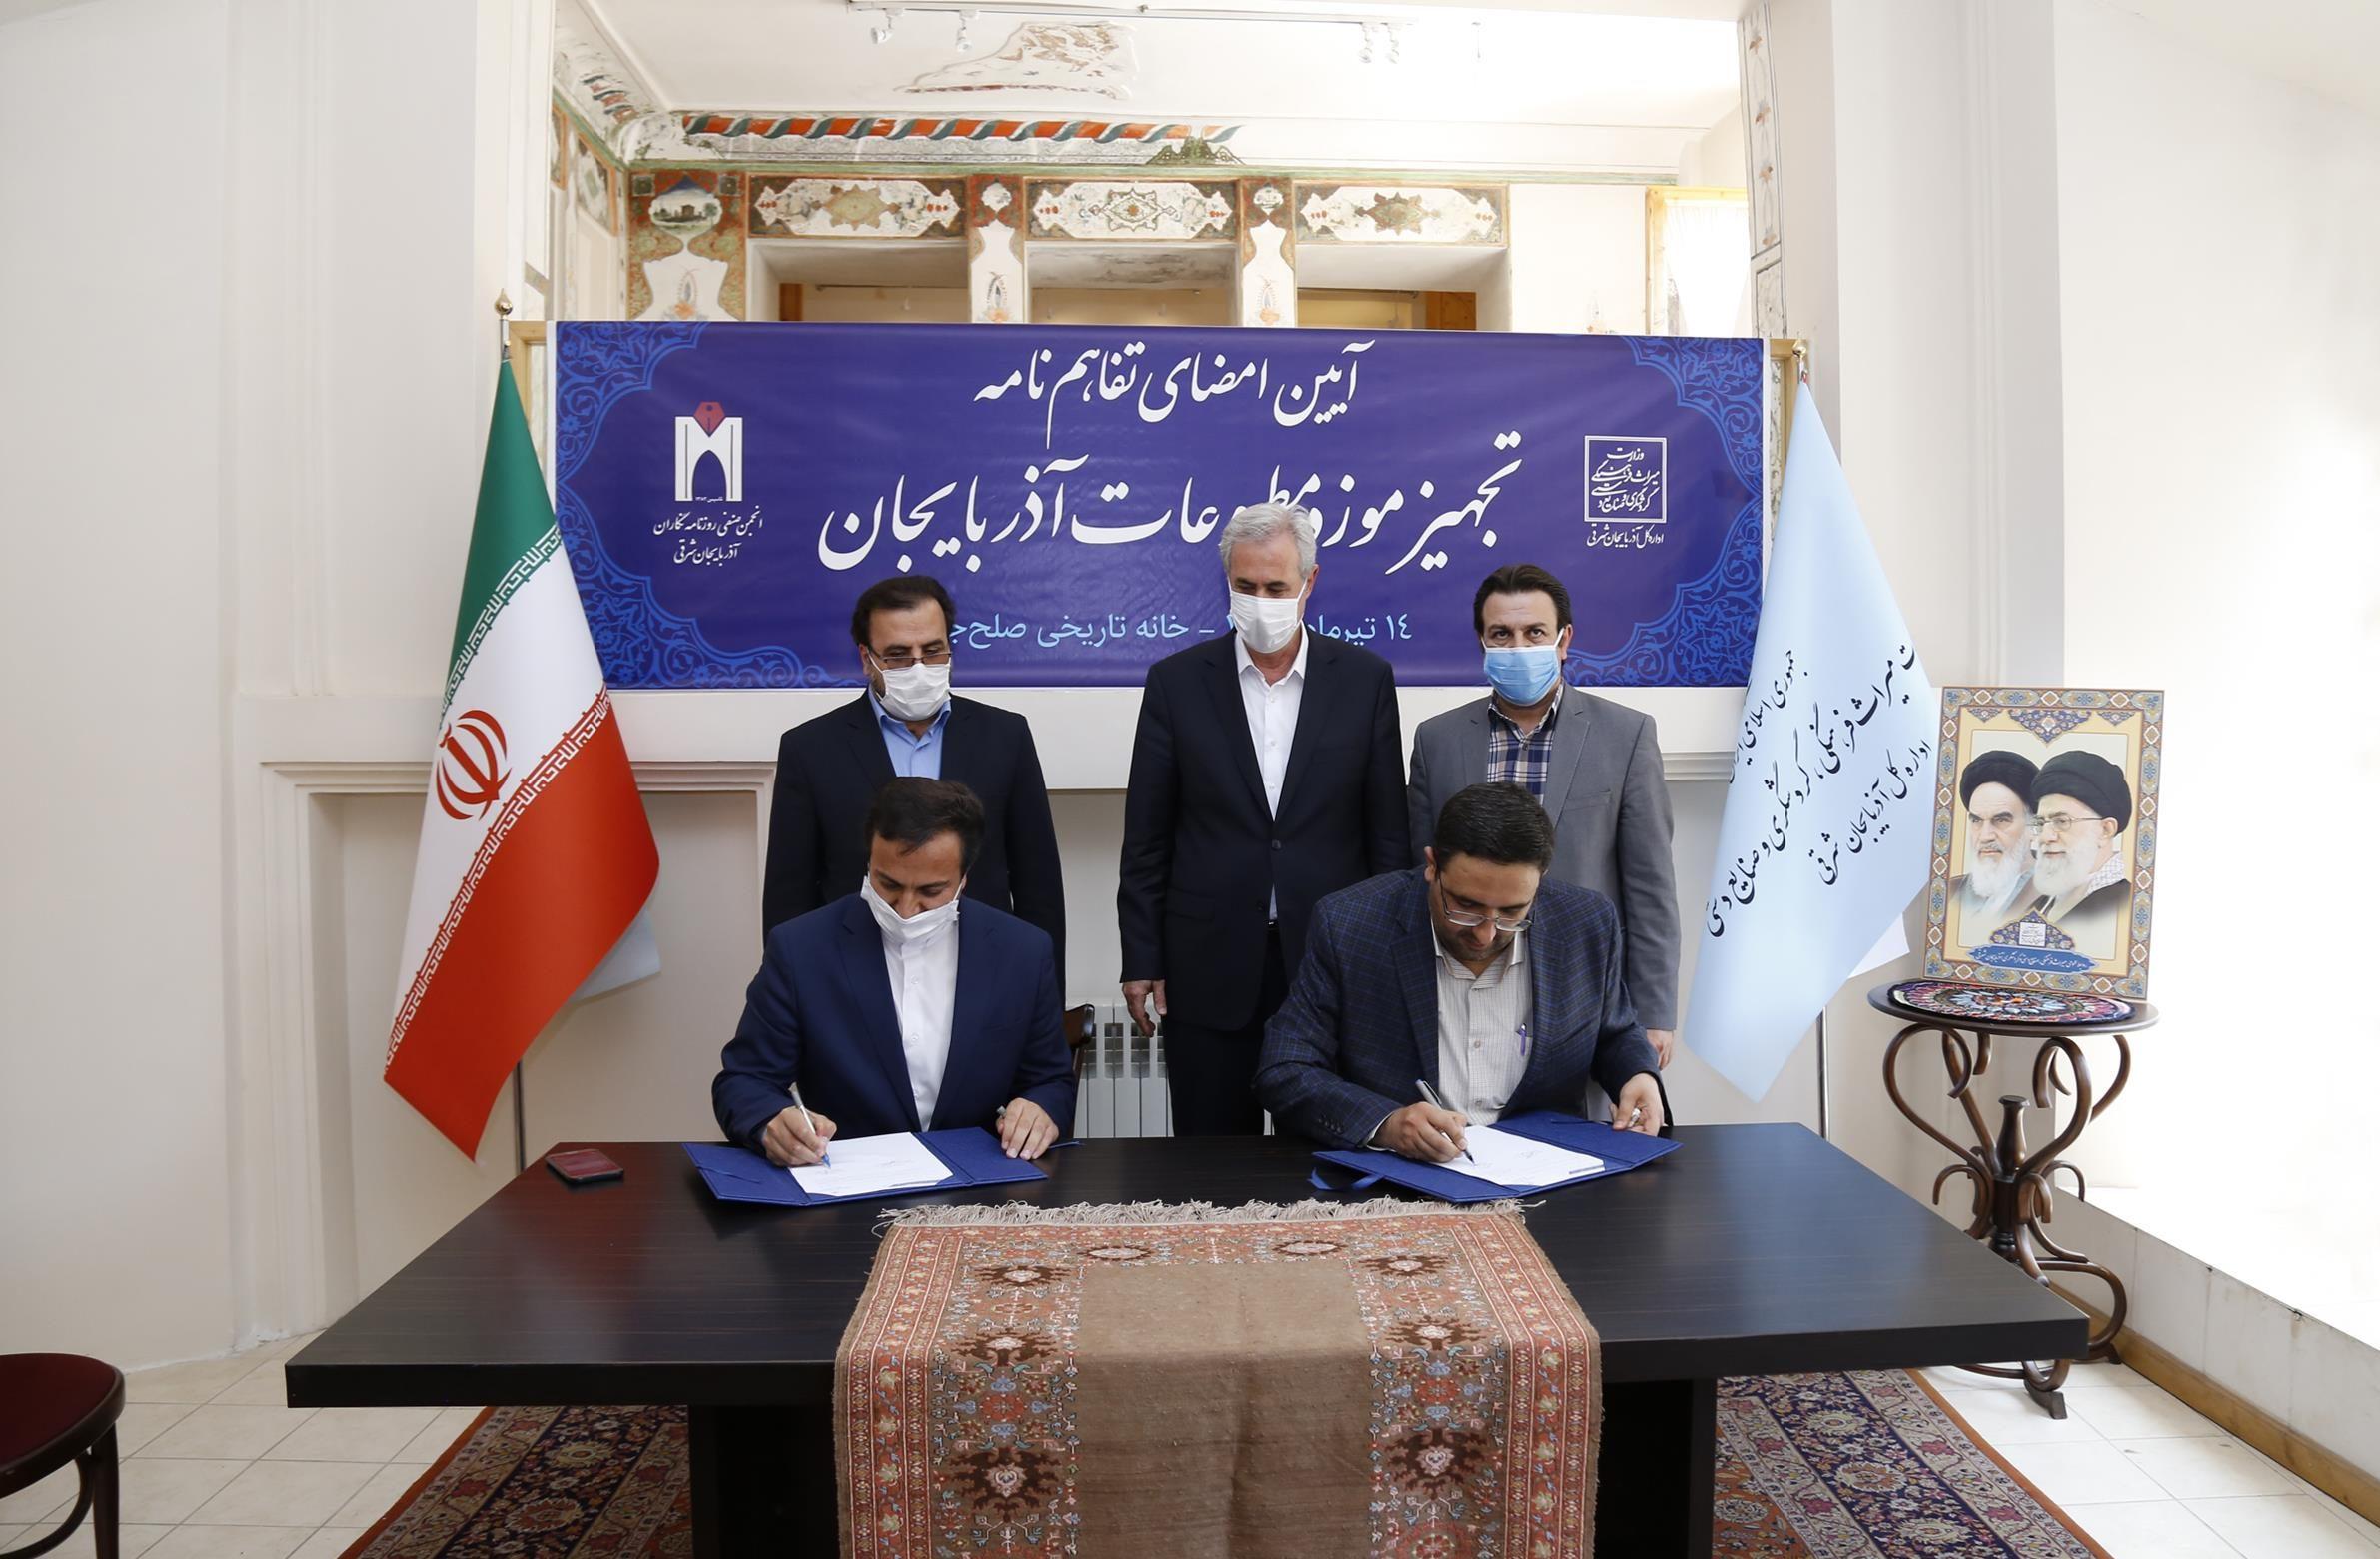 موزه مطبوعات آذربایجان، روز خبرنگار افتتاح میشود